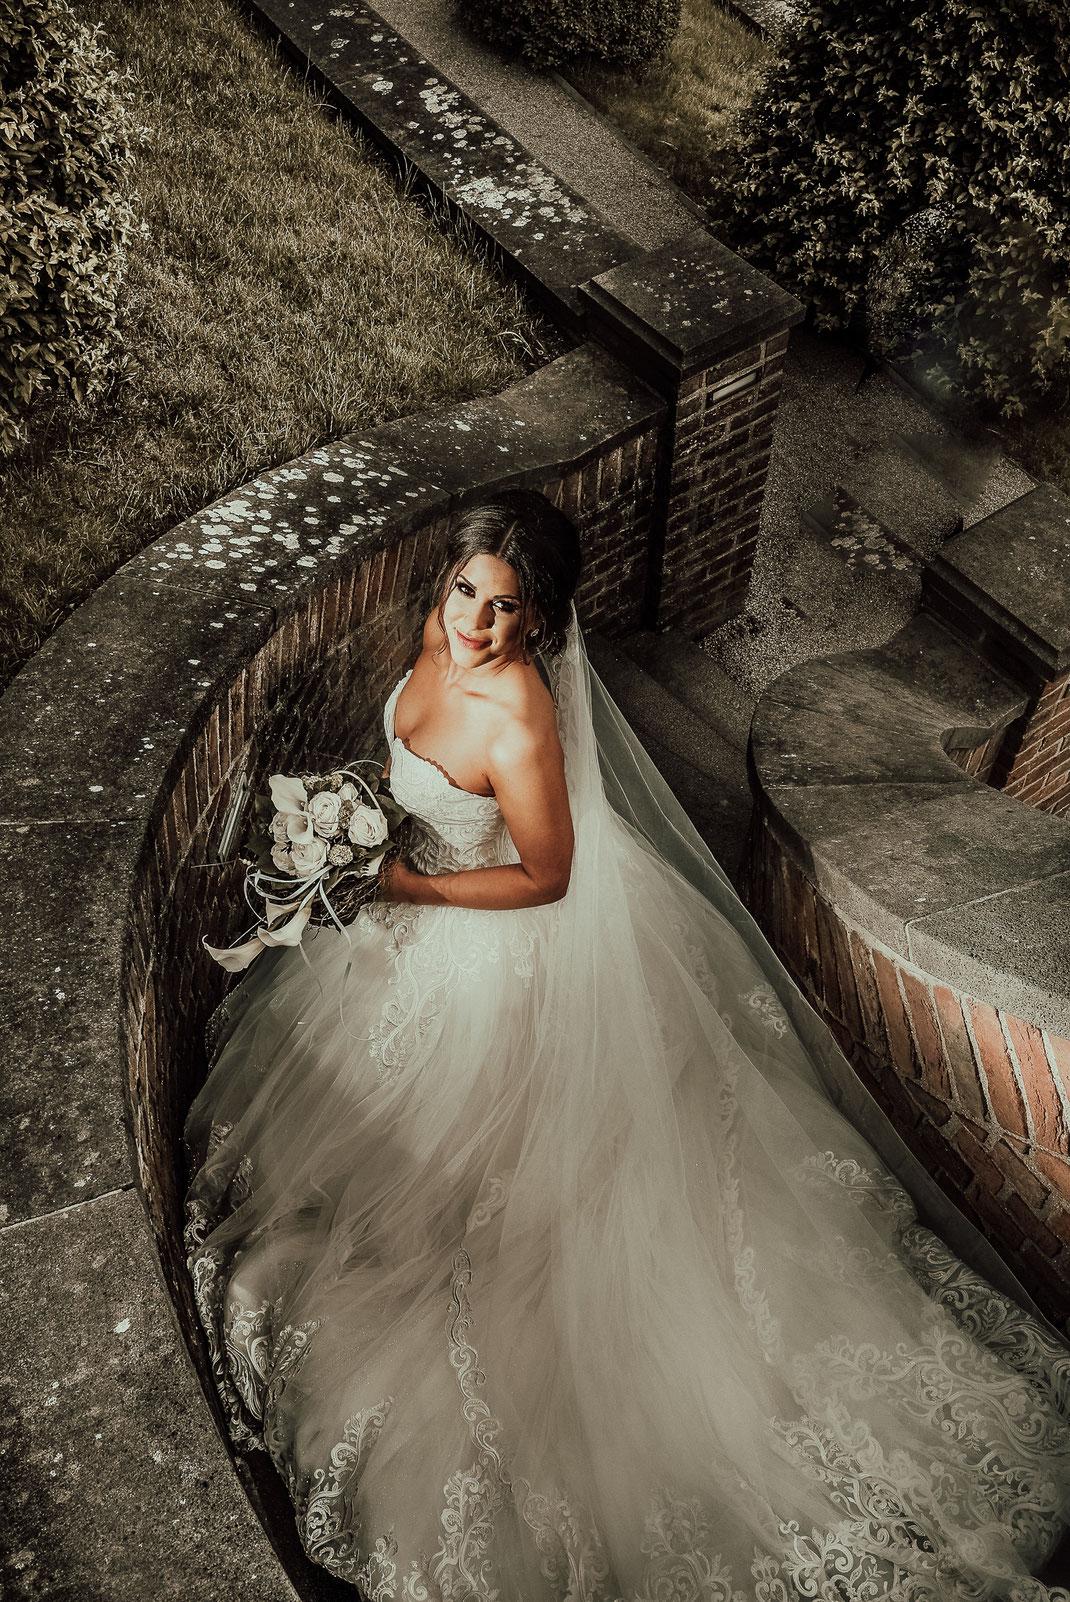 Hochzeitsfotograf Köln, Hochzeitsreportage auf Kloster Kamp in Kamp-Lintfort bei Wesel